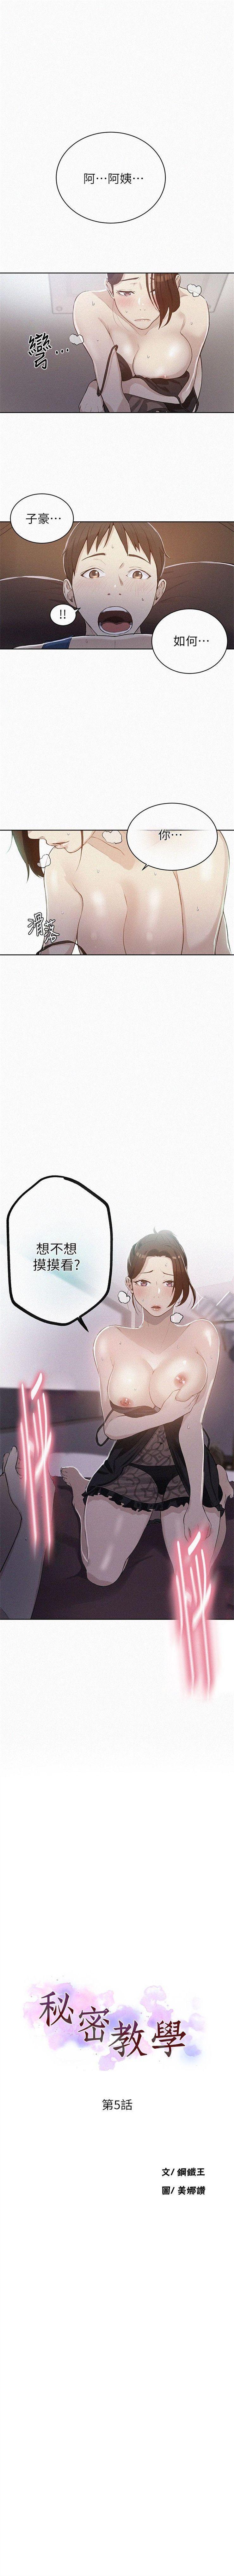 (週6)秘密教學  1-35 中文翻譯 (更新中) 36